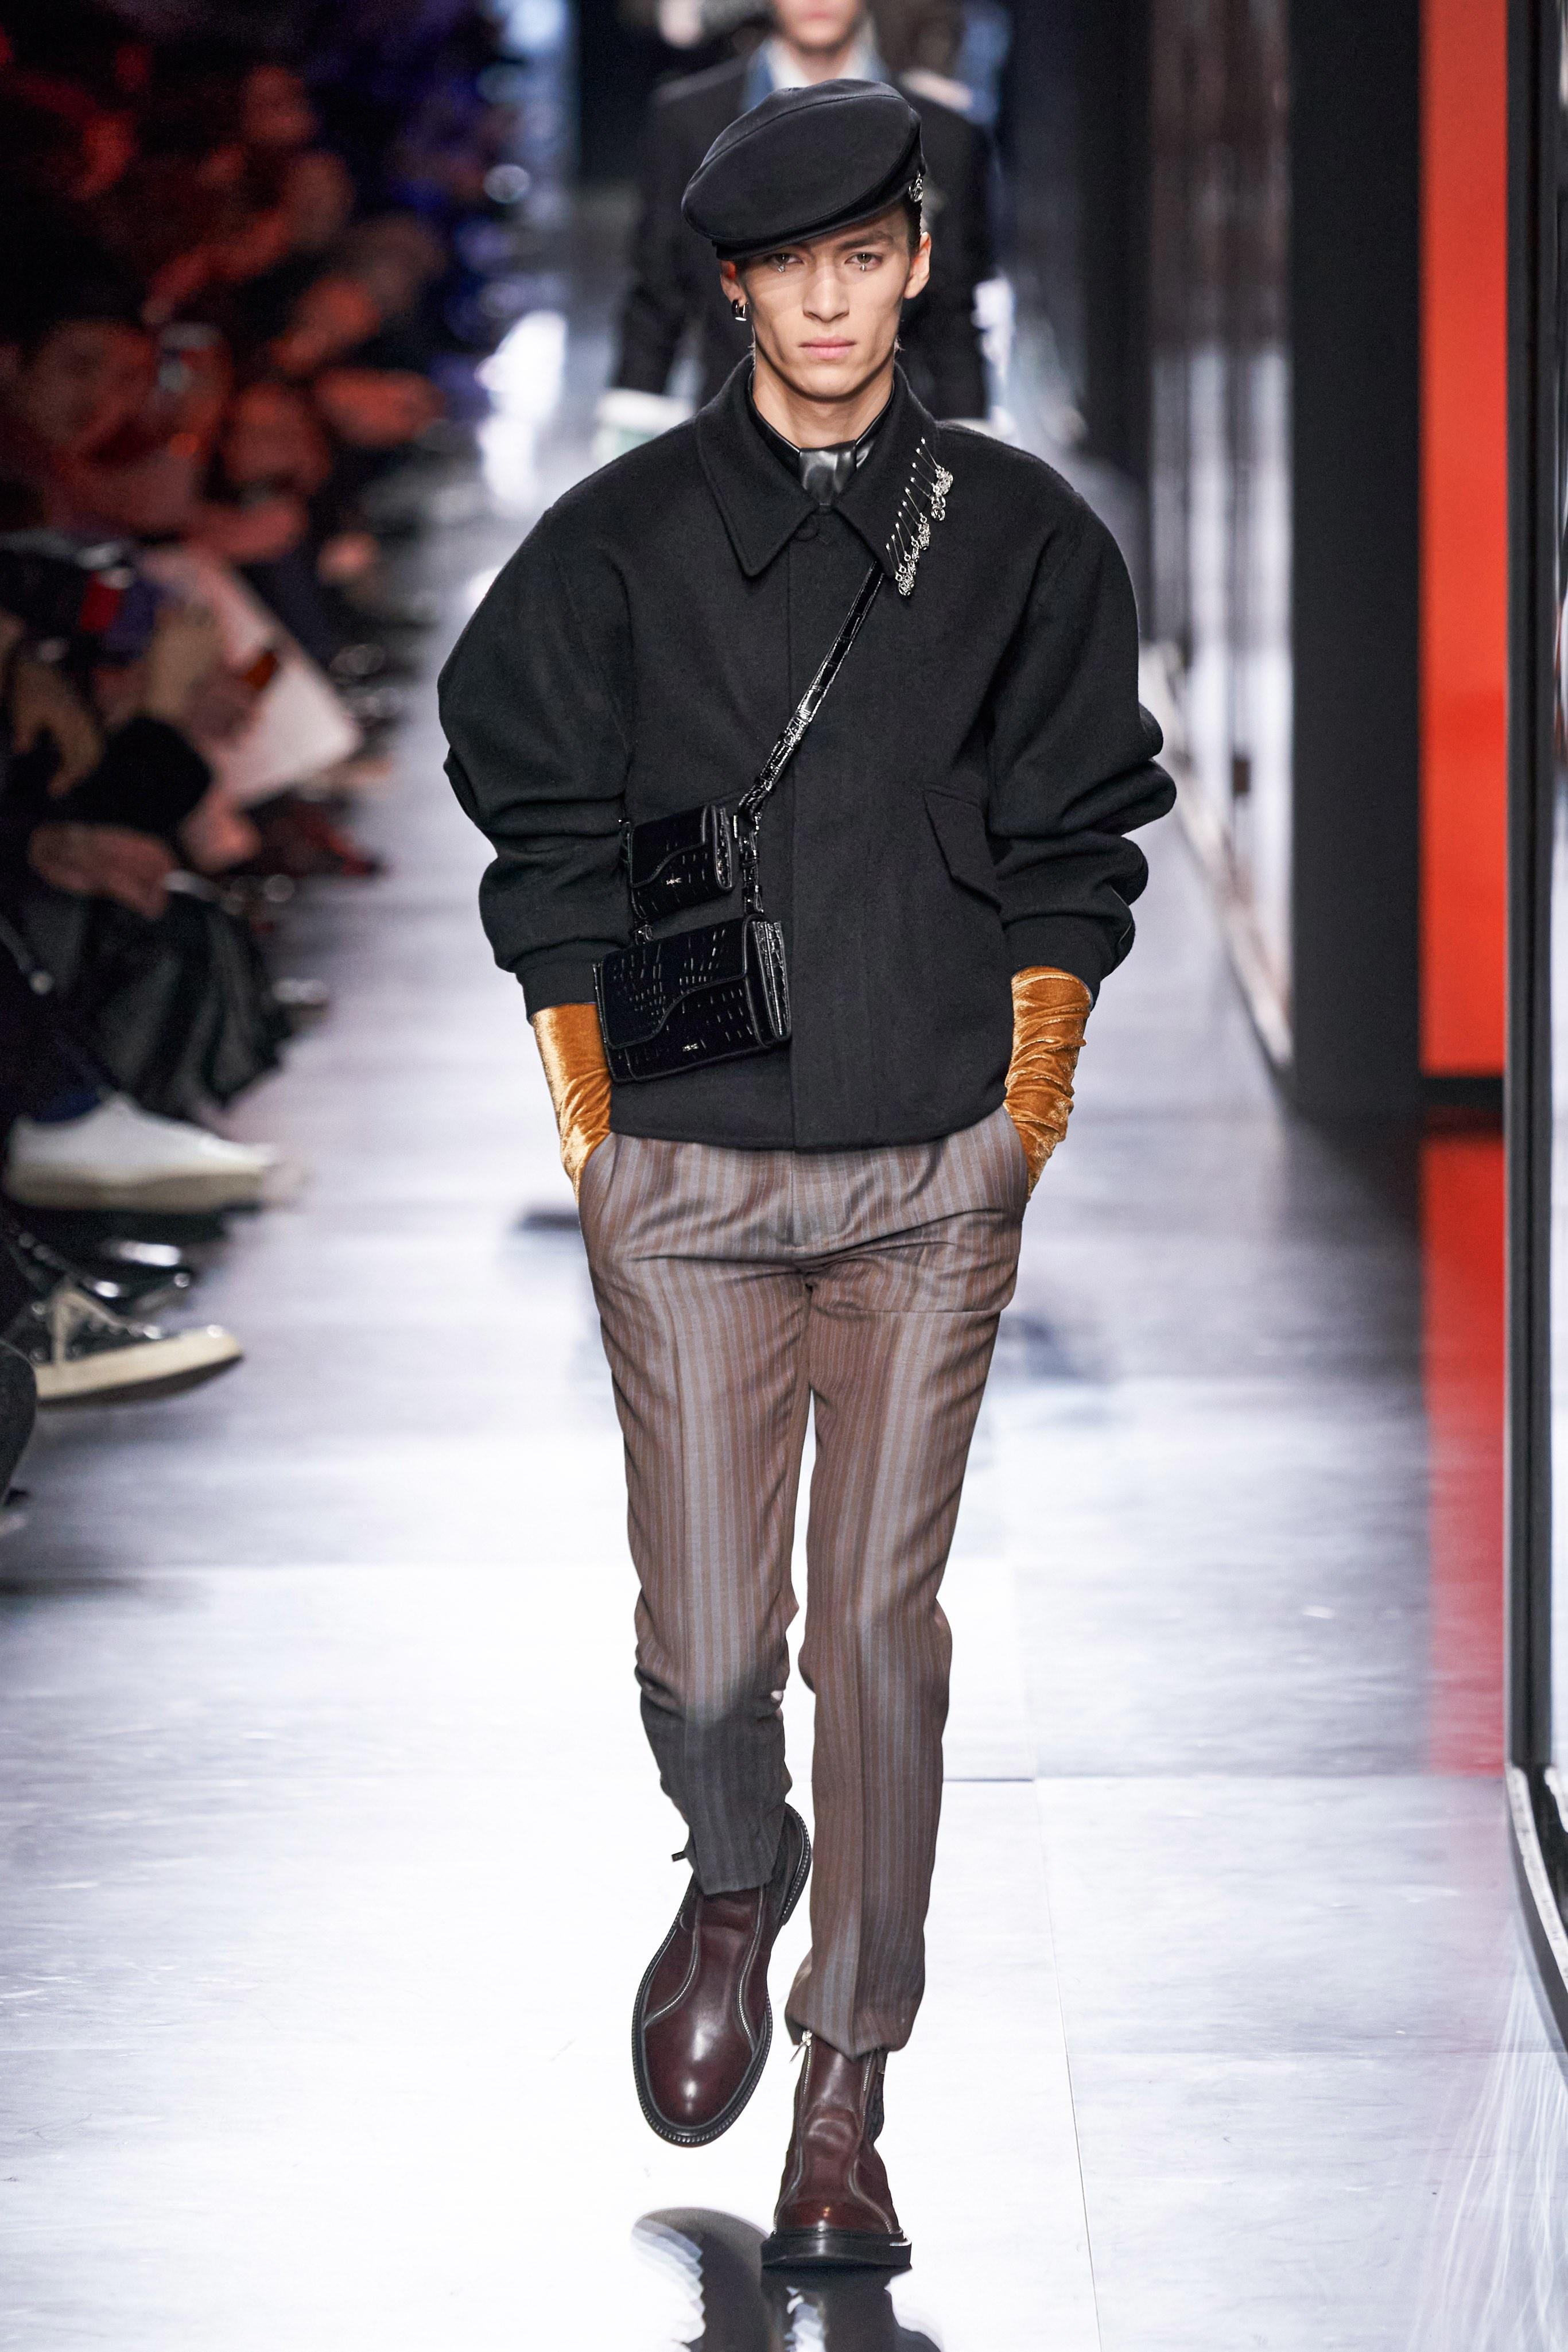 Áo khoác hoa, găng tay dài - Dior nâng thời trang nam lên tầm cao mới Ảnh 16